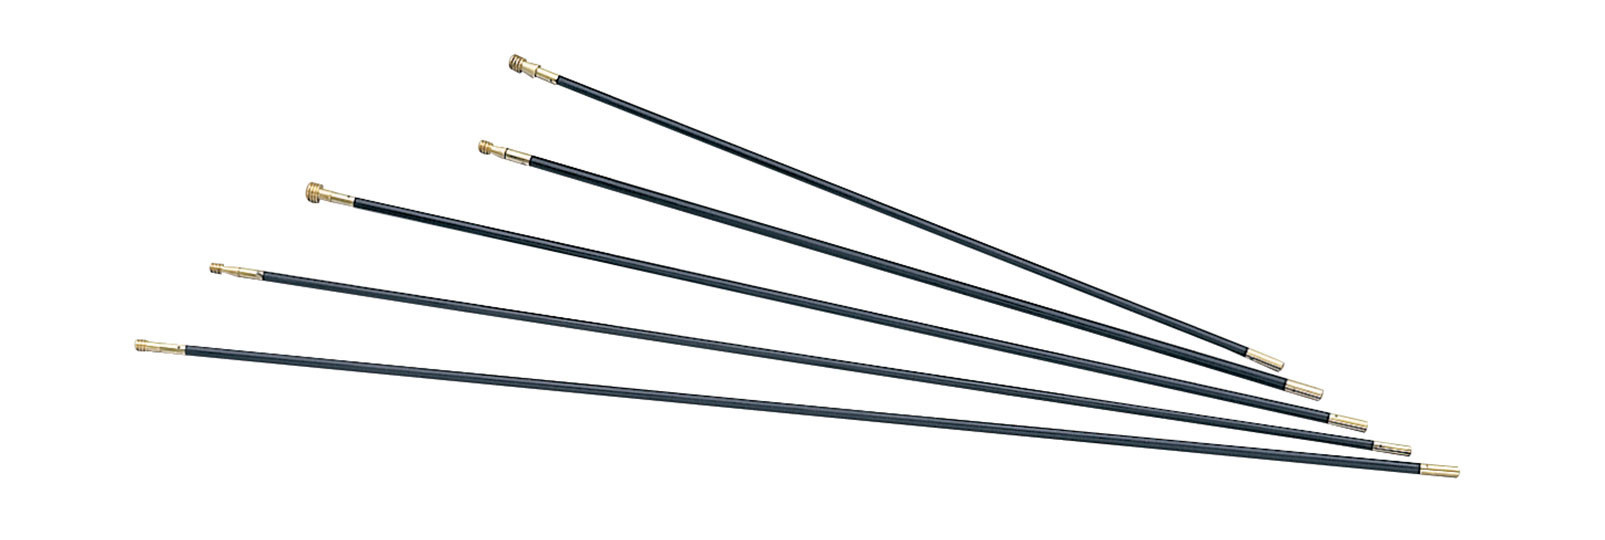 Muzzleloading Fiberglass ramrods 9x900 mm